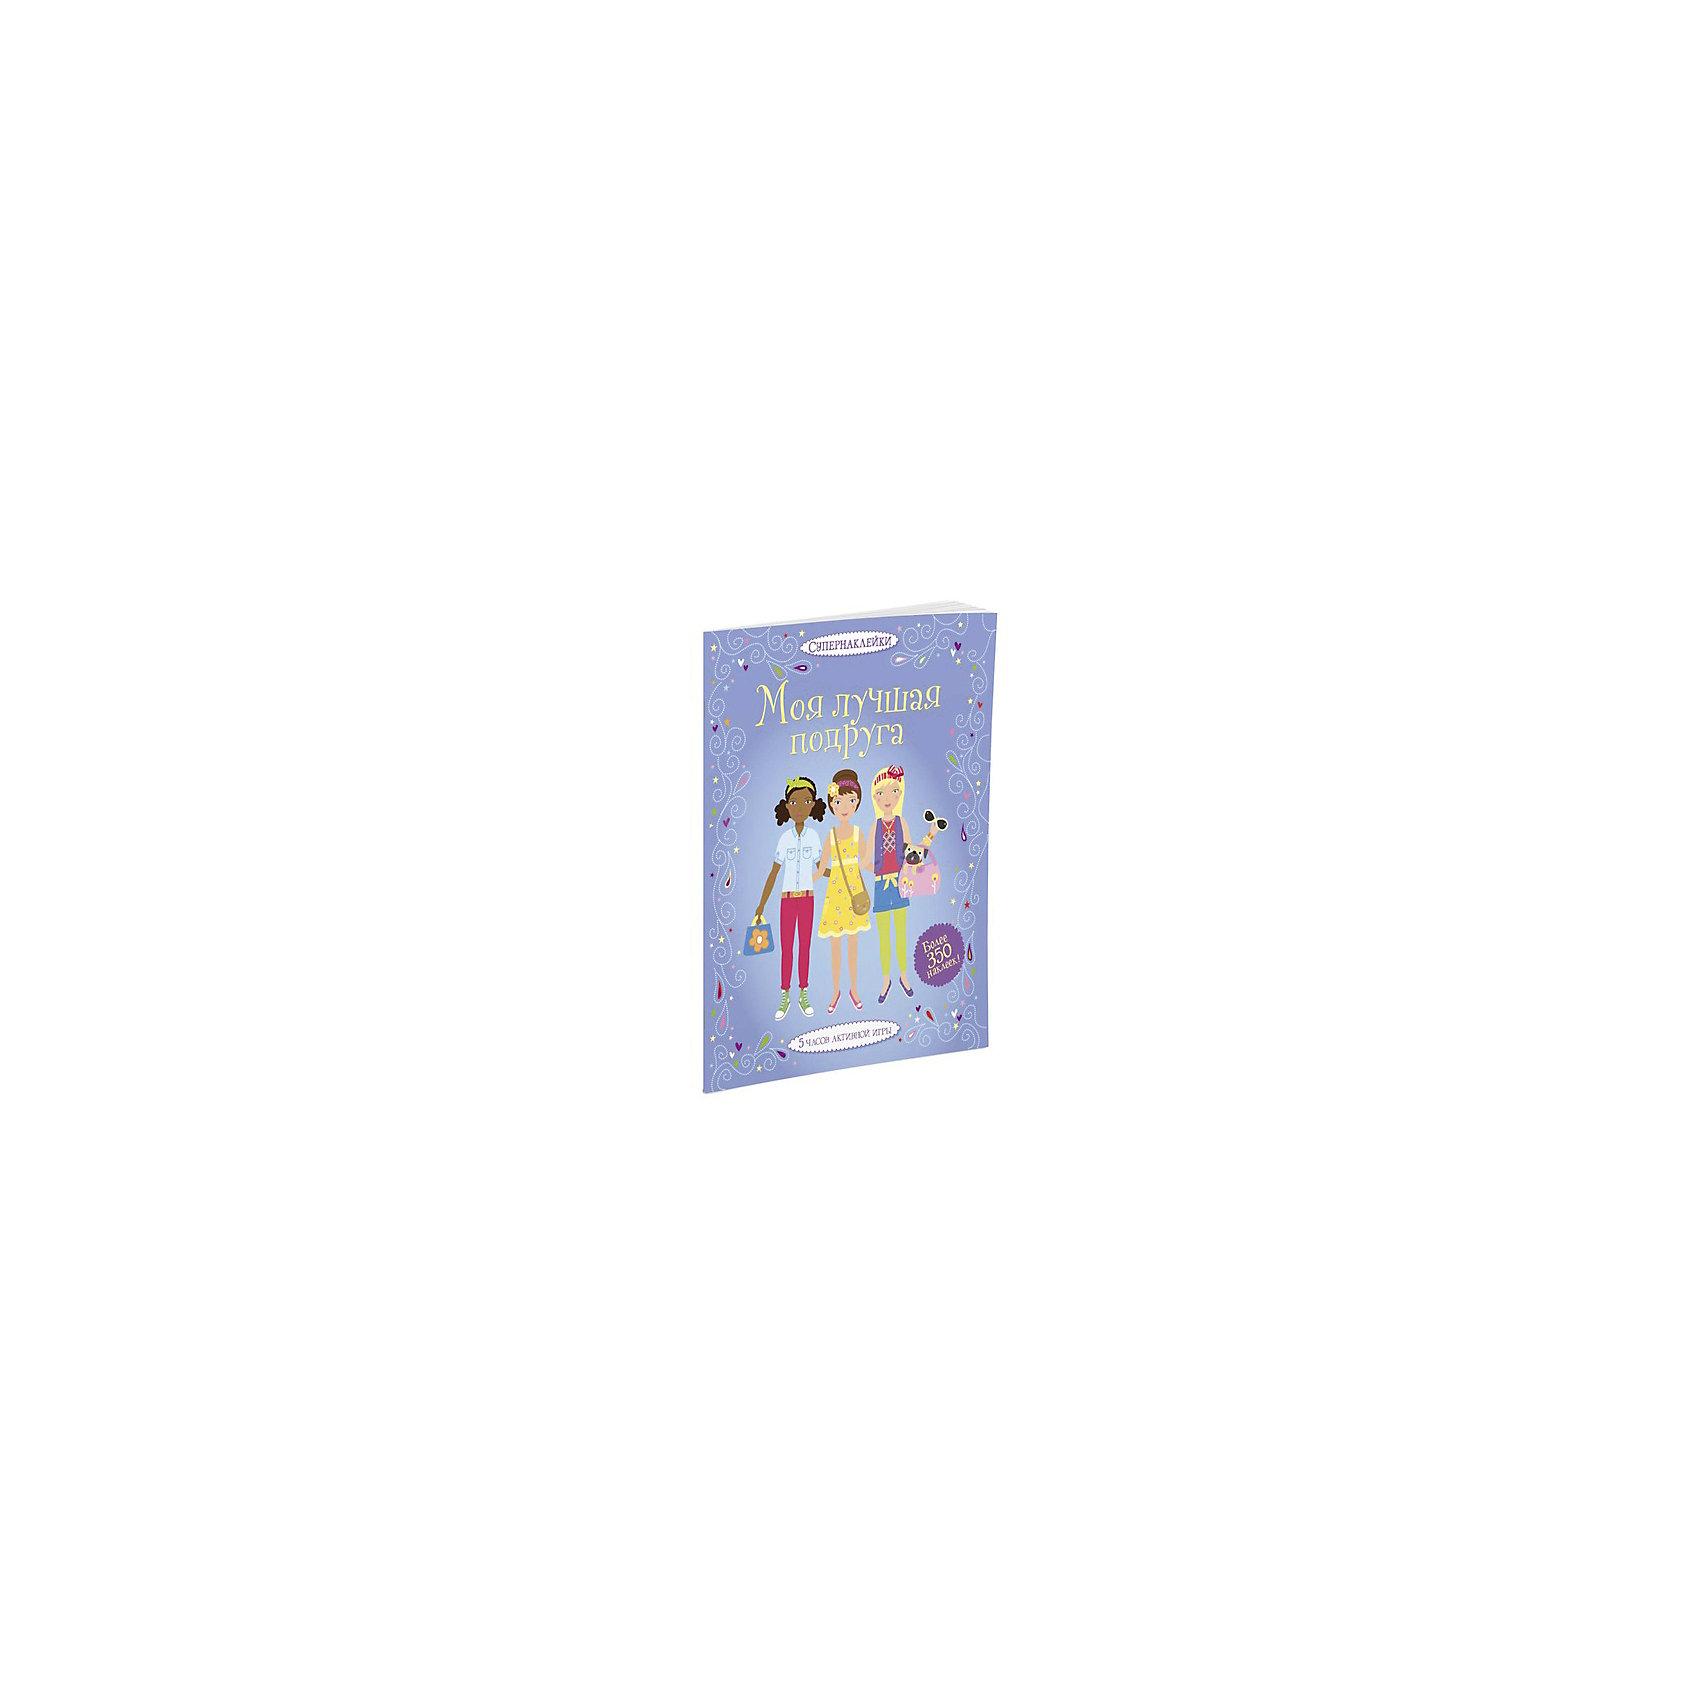 Наклейки Моя лучшая подруга, MACHAONКнижки с наклейками<br>Книжка с наклейками Моя лучшая подруга.<br><br>Характеристики:<br><br>• Автор: Боумен Люси<br>• Иллюстратор: Мур Джо<br>• Переводчик: Левин Вадим<br>• Издательство: Махаон, 2016 год<br>• Серия: Супернаклейки<br>• Тип обложки: мягкий переплет (крепление скрепкой или клеем)<br>• Оформление: с наклейками (более 350 наклеек)<br>• Иллюстрации: цветные<br>• Количество страниц: 24<br>• Размер: 305x240x4 мм.<br>• Вес: 303 гр.<br>• ISBN: 9785389095939<br><br>Познакомься с тремя неразлучными подружками, которые обожают веселиться! Подбери девчонкам наряды, подходящие для пикника в парке, похода в кино, празднования дня рождения, верховой езды и танцев. Читаем и играем! Развиваем внимание, воображение, мелкую моторику и художественный вкус.<br><br>Книжку с наклейками Моя лучшая подруга можно купить в нашем интернет-магазине.<br><br>Ширина мм: 305<br>Глубина мм: 240<br>Высота мм: 40<br>Вес г: 303<br>Возраст от месяцев: 12<br>Возраст до месяцев: 36<br>Пол: Женский<br>Возраст: Детский<br>SKU: 5493466